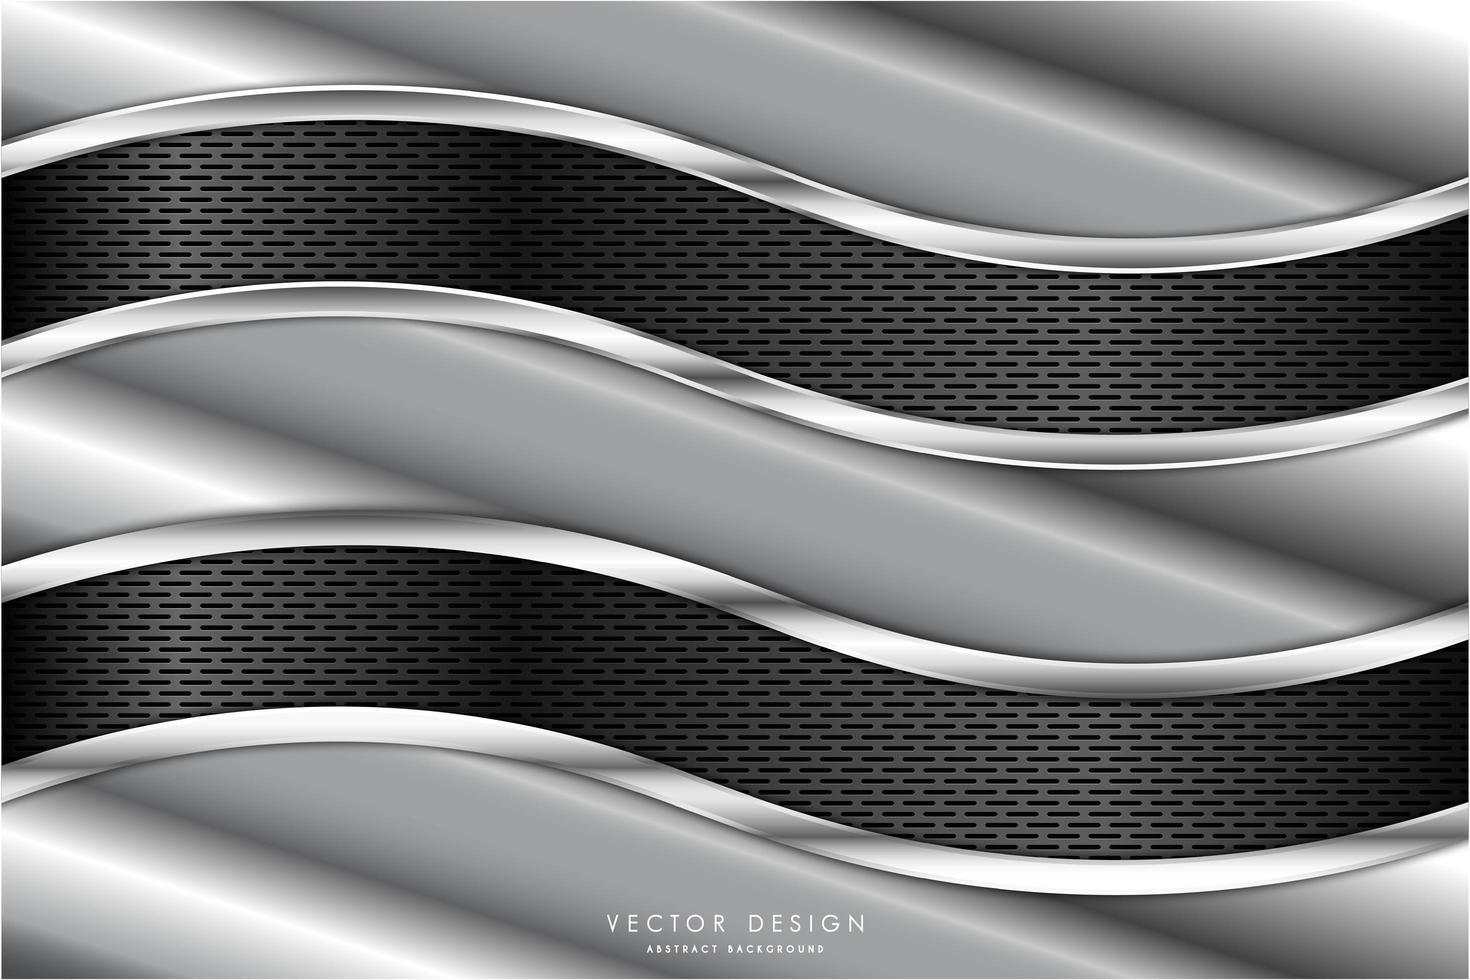 textures angulaires métalliques avec panneaux ondulés en fibre de carbone vecteur